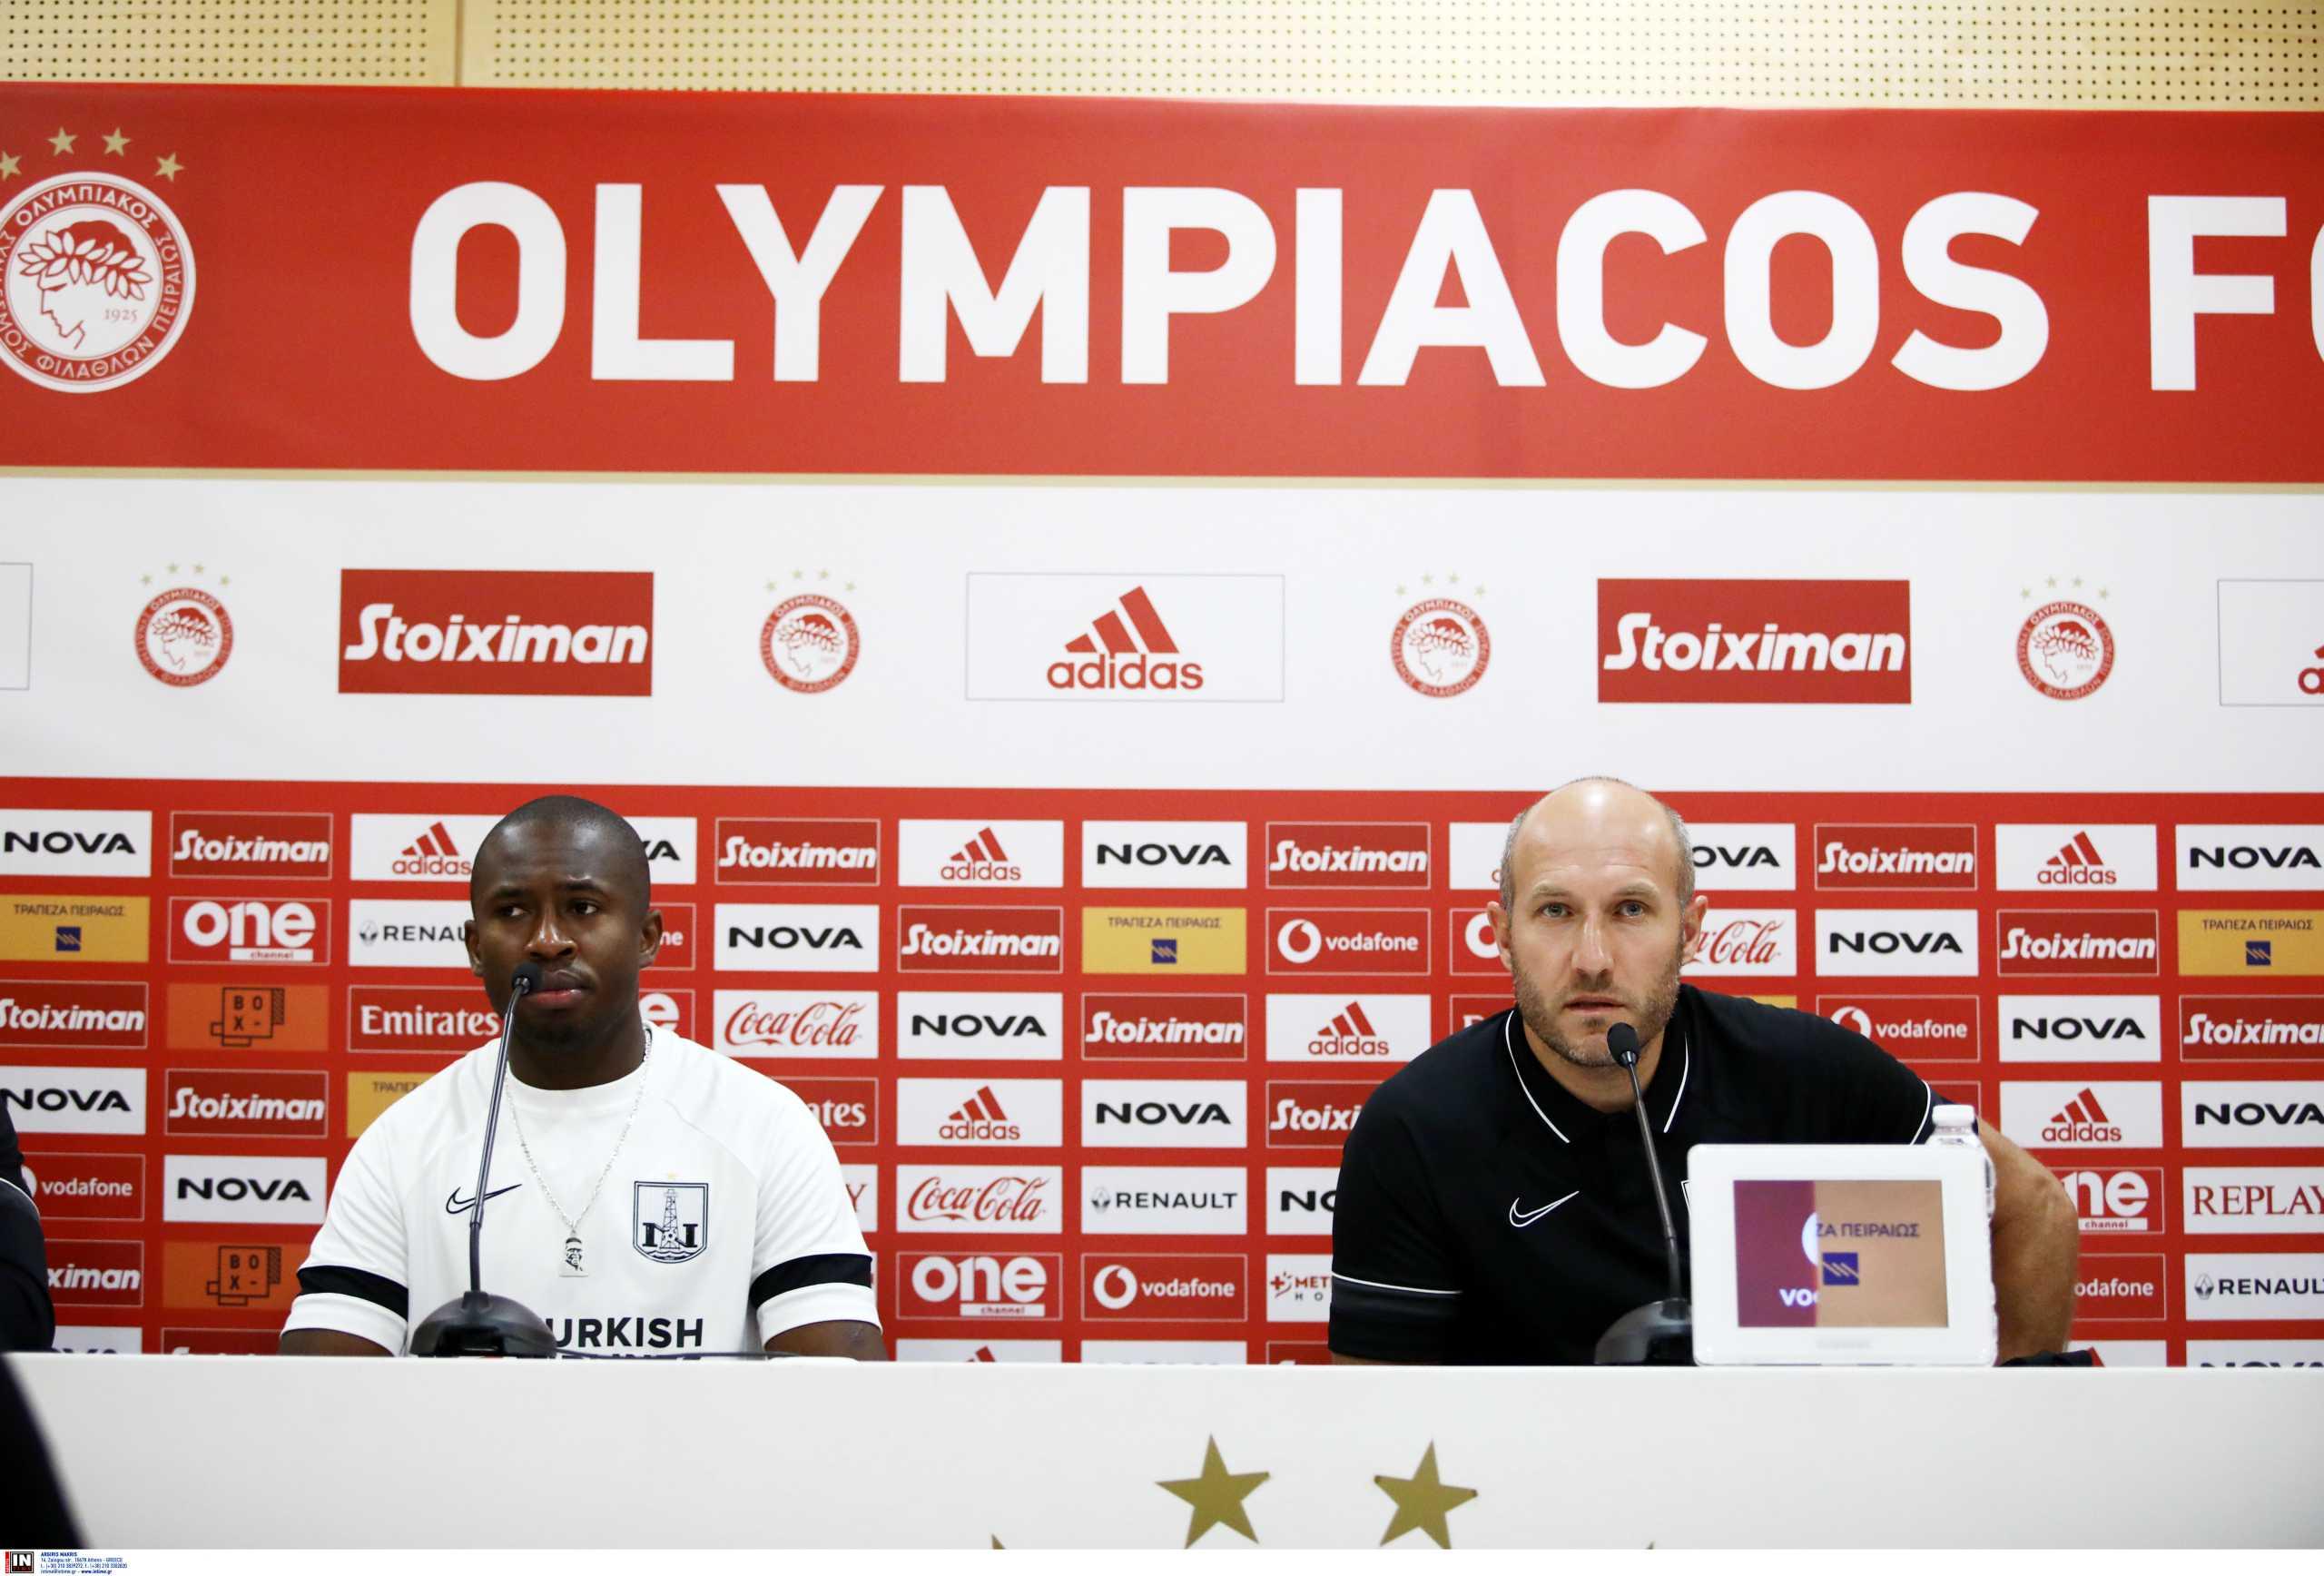 Αμπάσοφ: «Ο Ολυμπιακός είναι μία ομάδα με τεράστια ευρωπαϊκή εμπειρία»